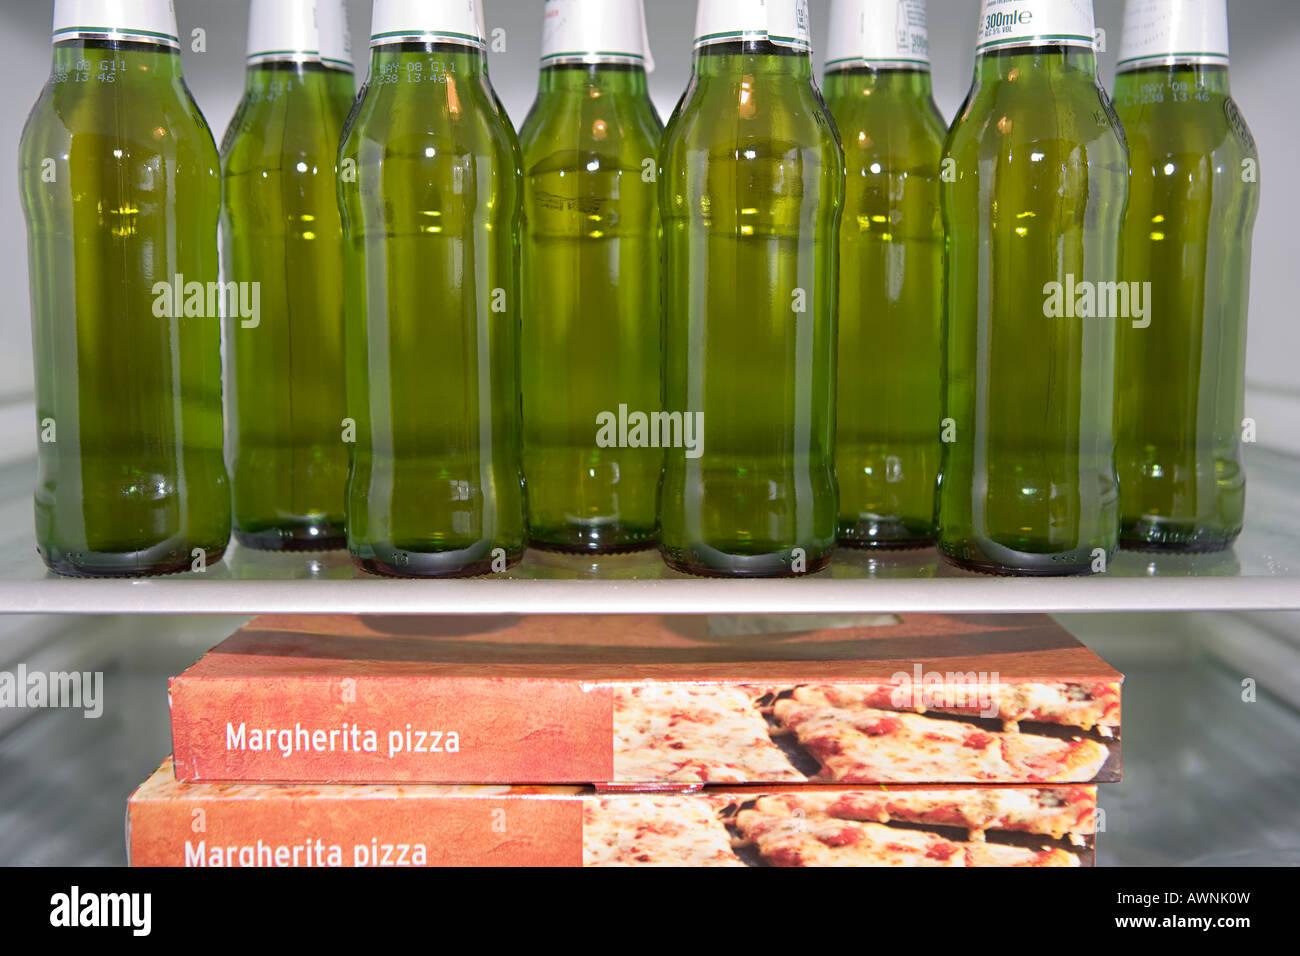 Fantastisch Kühlschrank Bier Bilder - Die Kinderzimmer Design ...